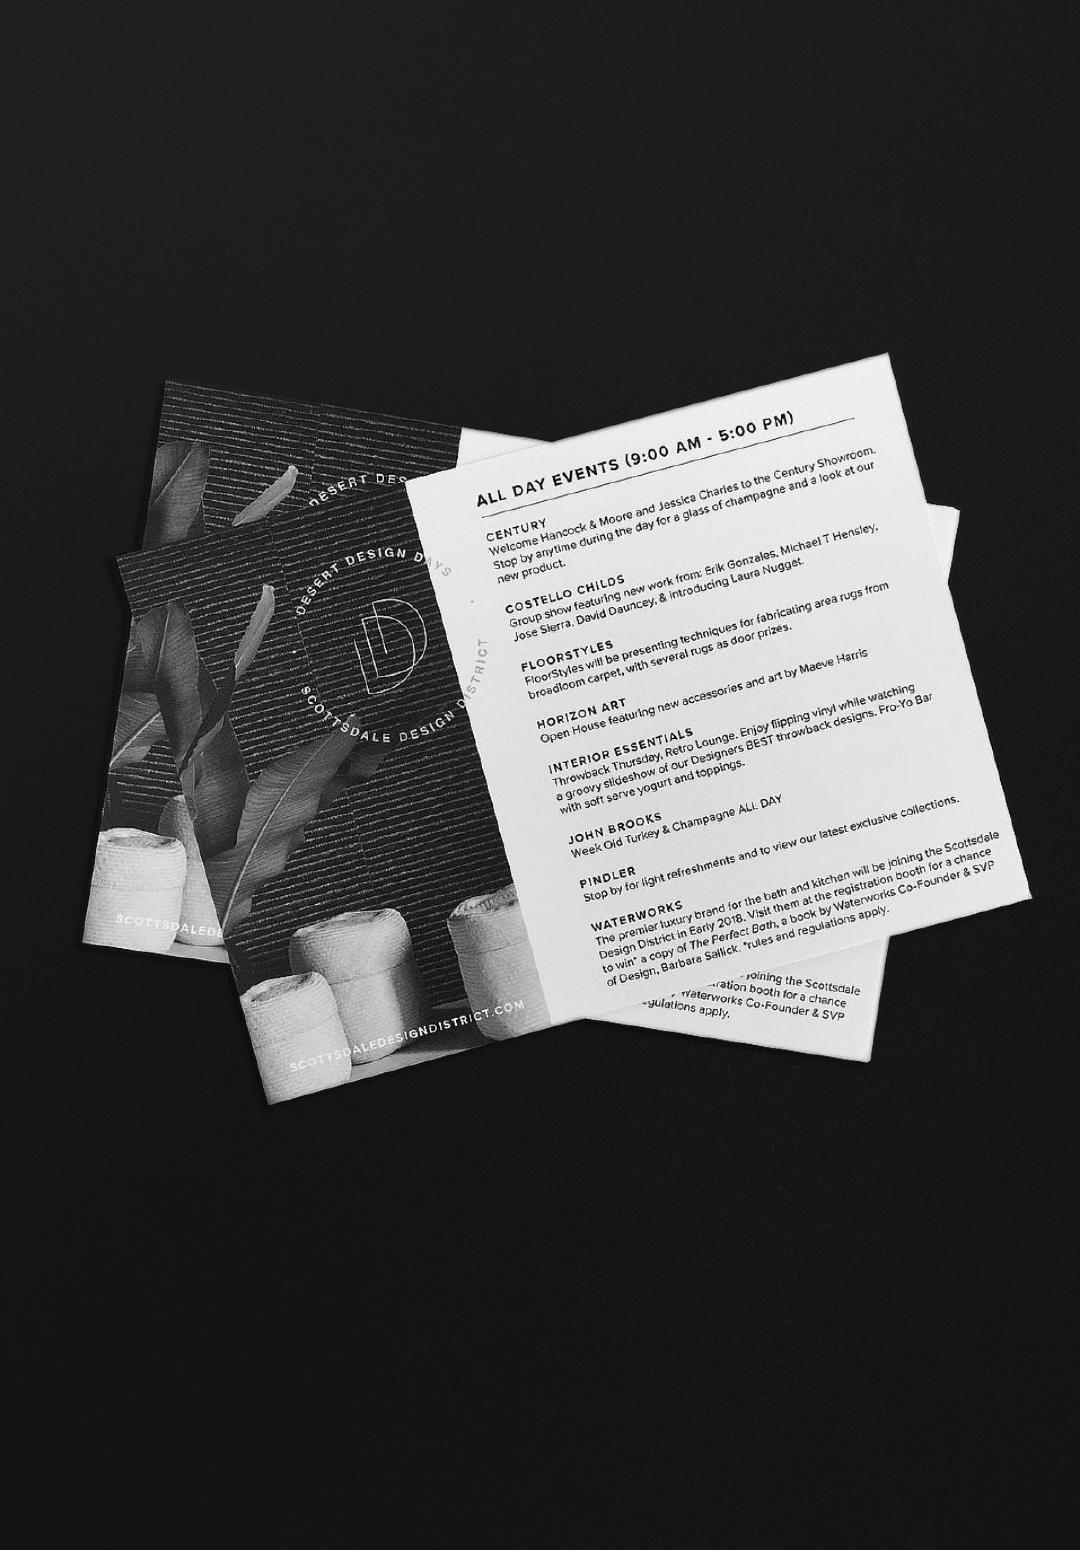 desert-design-days-event-flyer.png